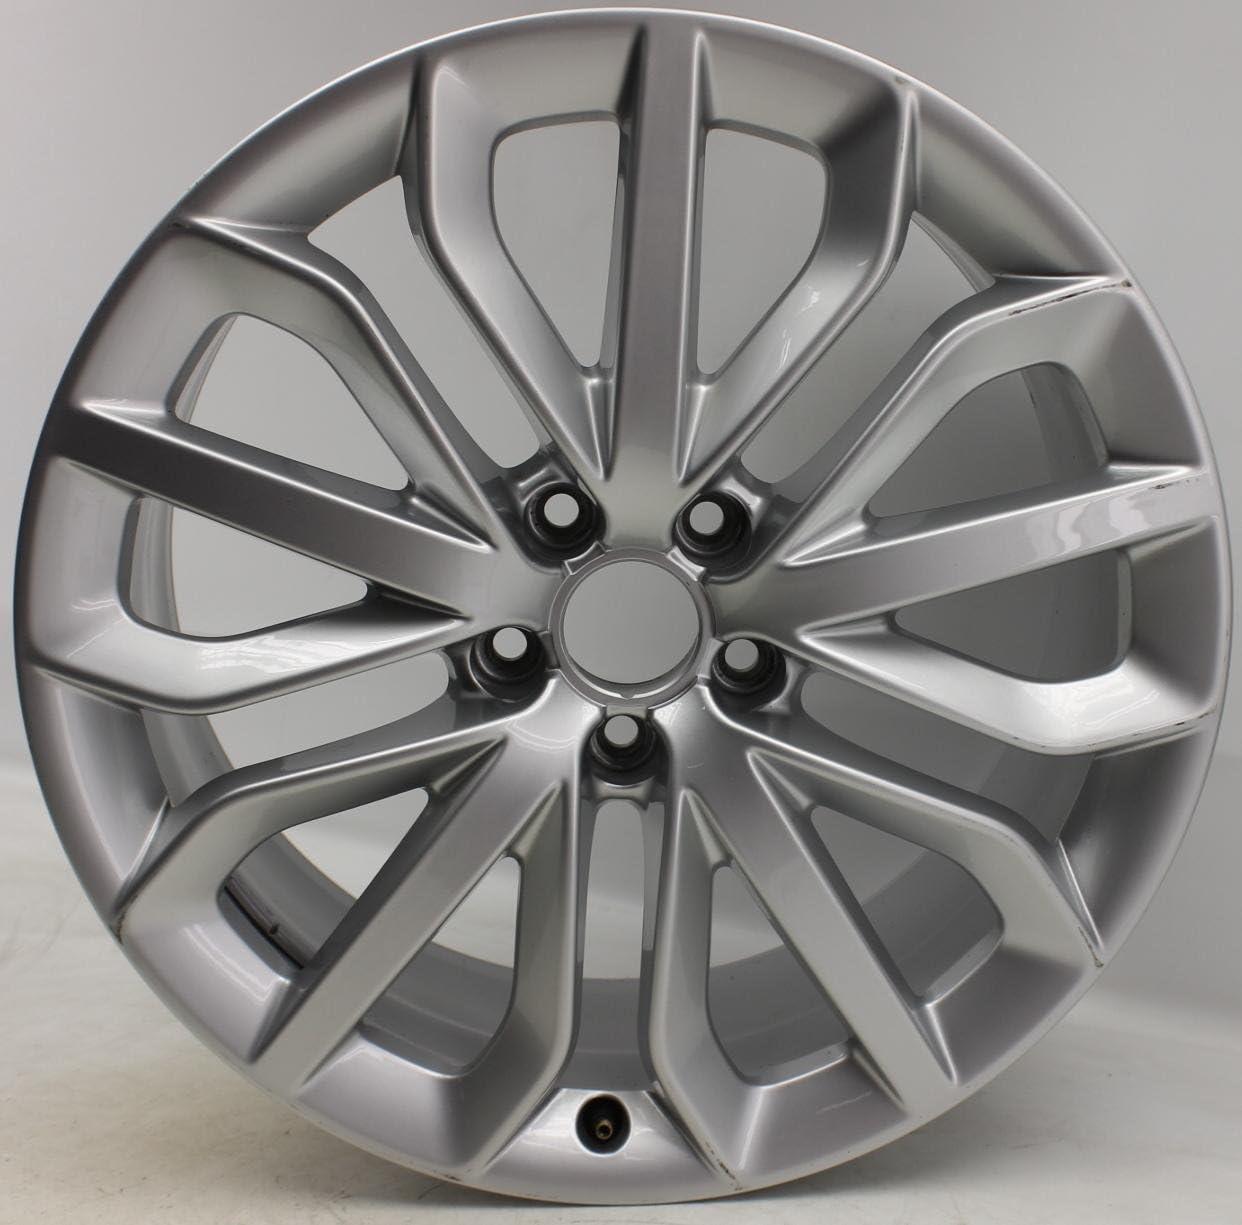 Original Audi A6 4 G S6 C7 19 pulgadas Llantas de aleación 4 g0601025p 7,5 x 19 ET33/2: Amazon.es: Coche y moto